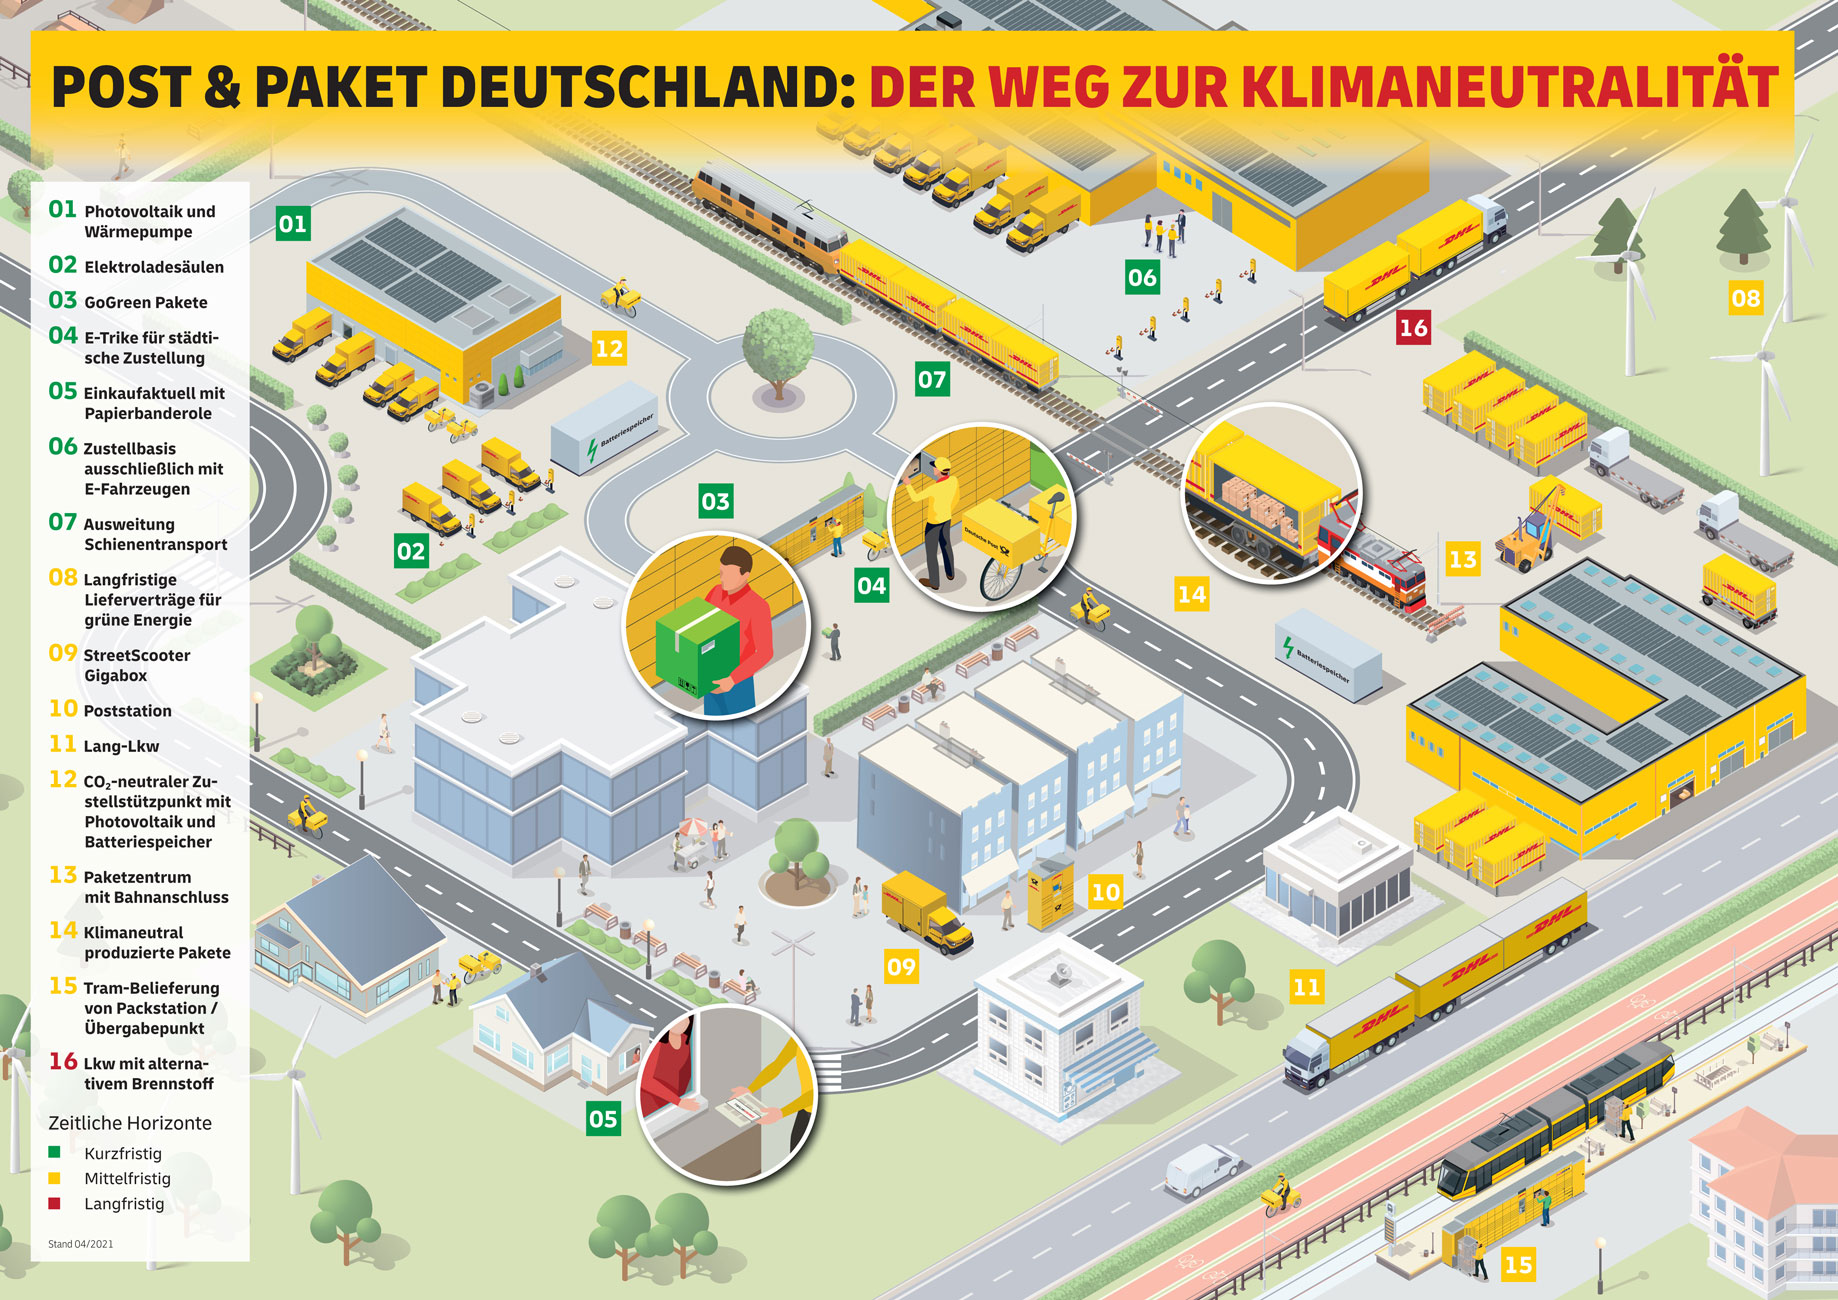 infografik-klimaneutralitaet-bei-post-und-paket-deutschland